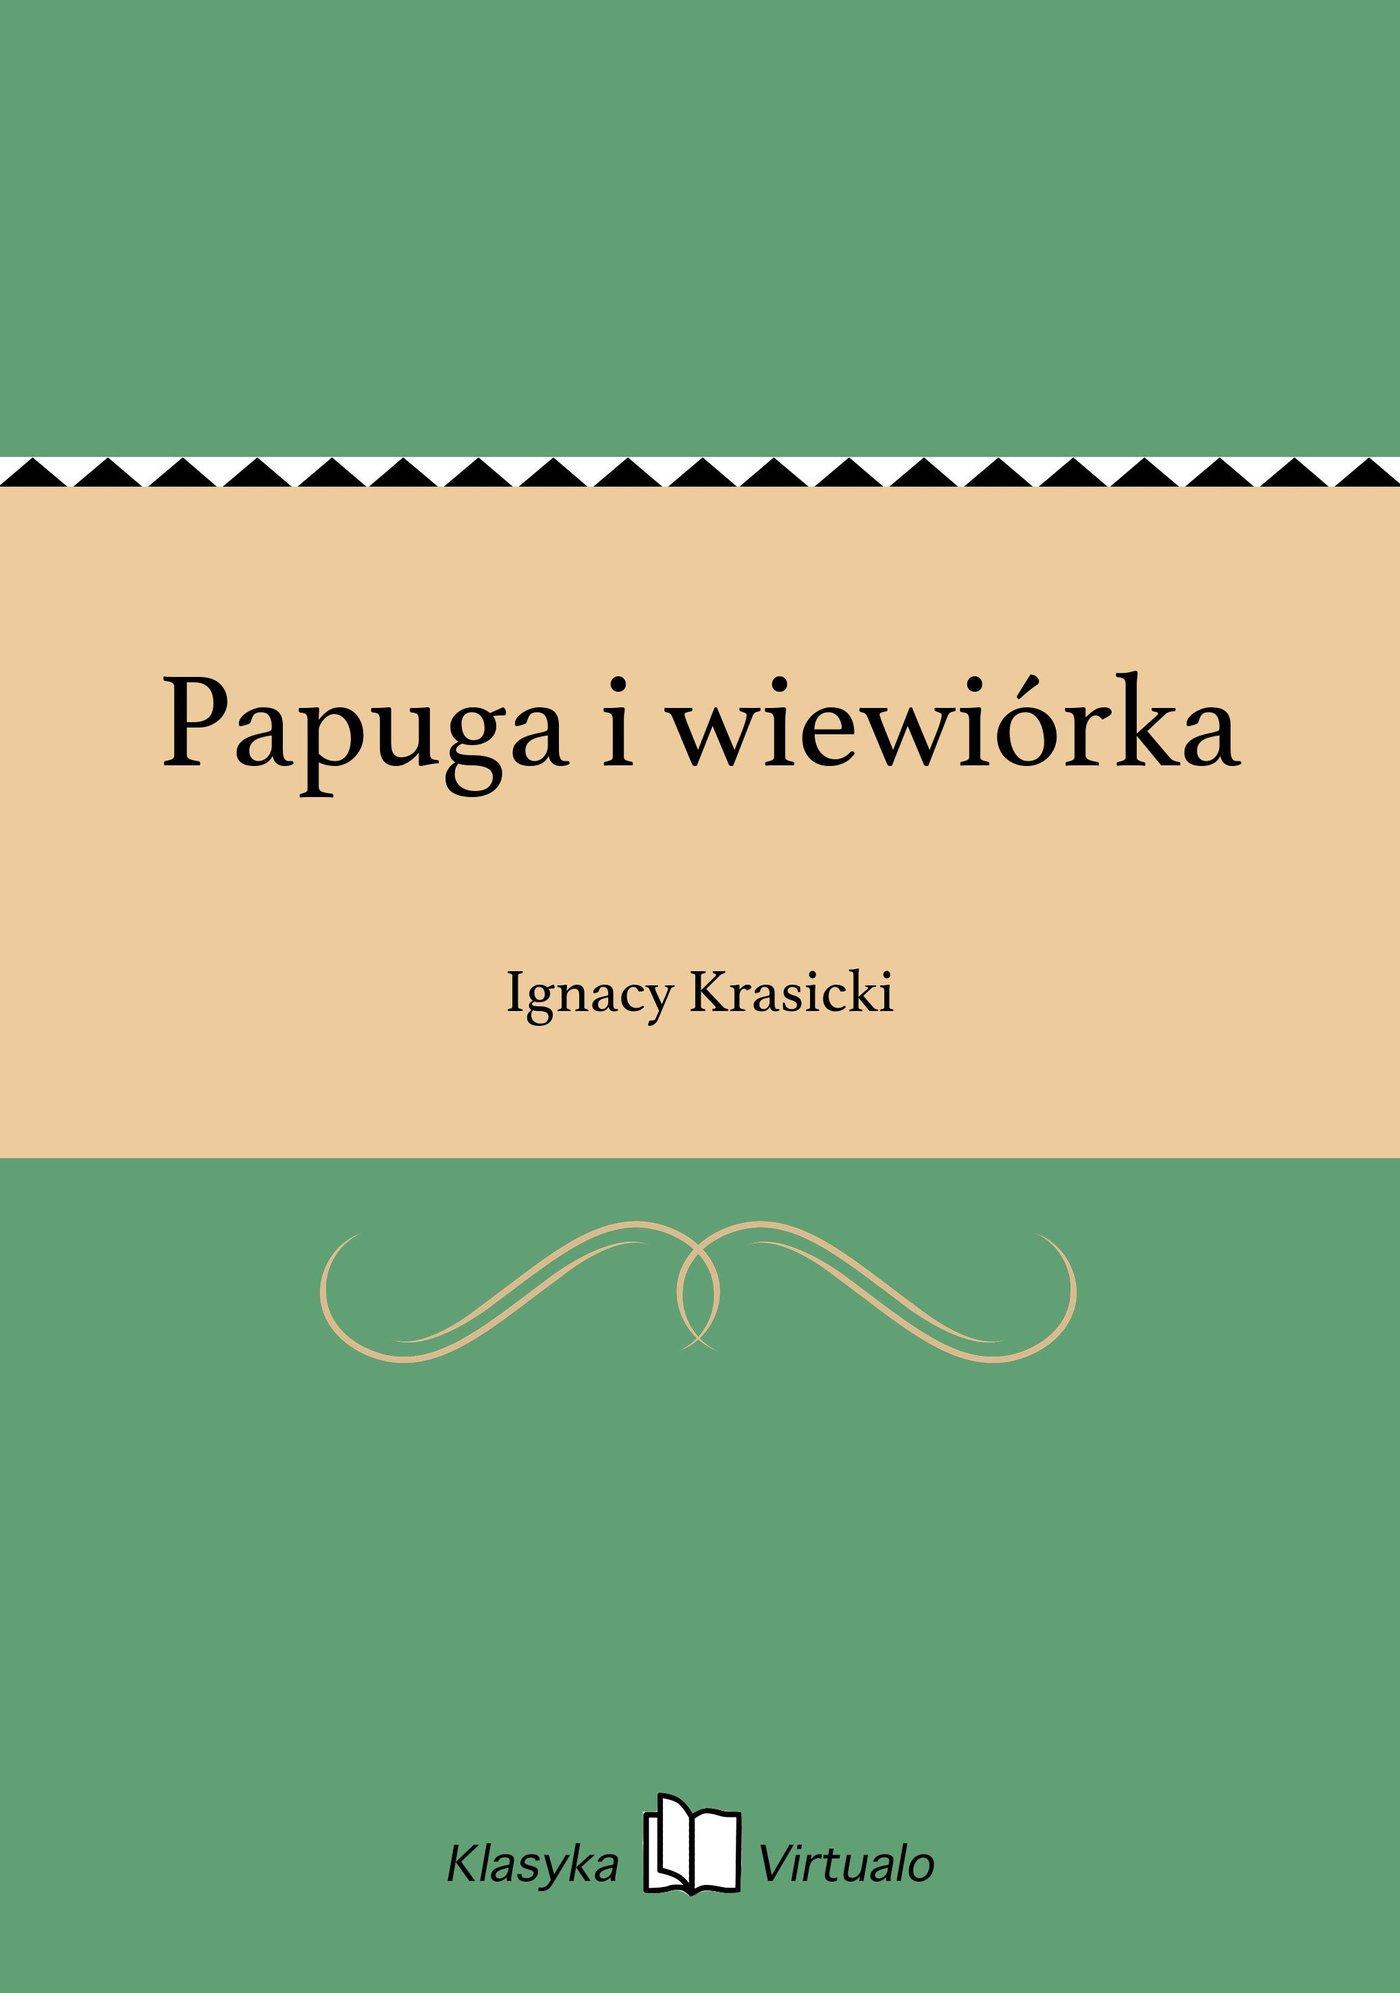 Papuga i wiewiórka - Ebook (Książka EPUB) do pobrania w formacie EPUB